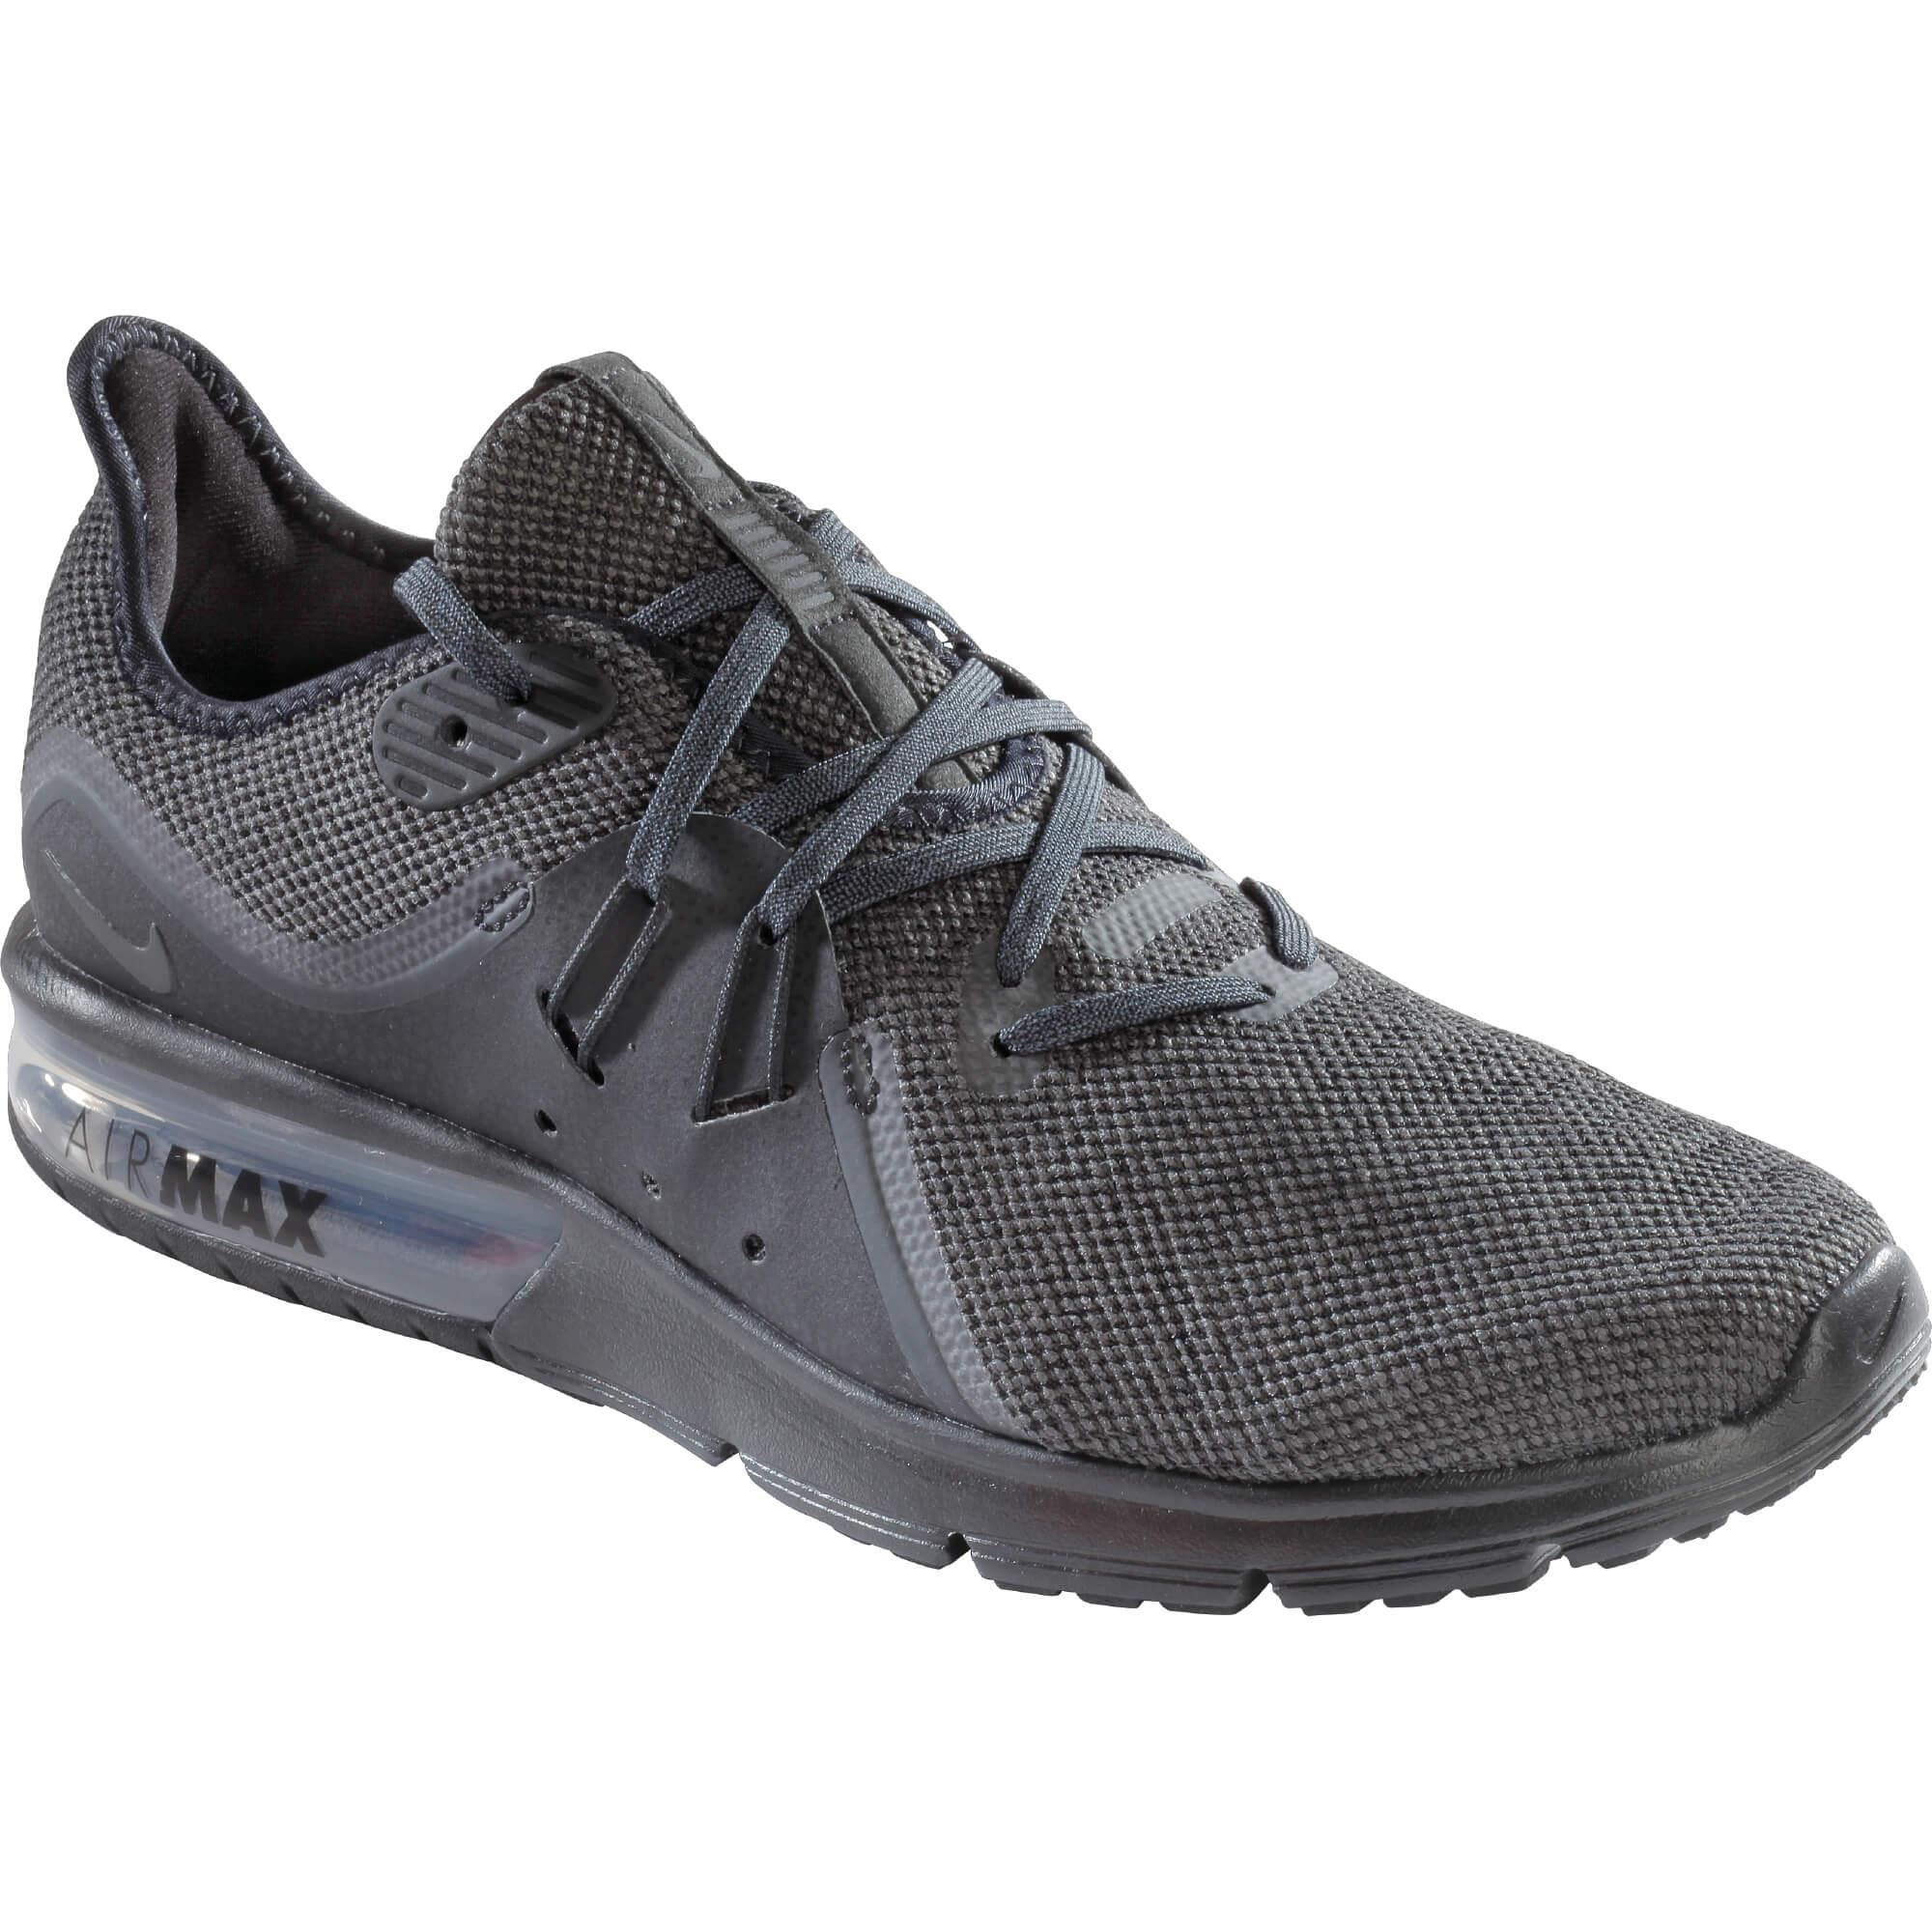 competitive price 666df 46309 Nike NIKE AIR MAX SEQUENT 3, muške tenisice za trčanje, crna ...